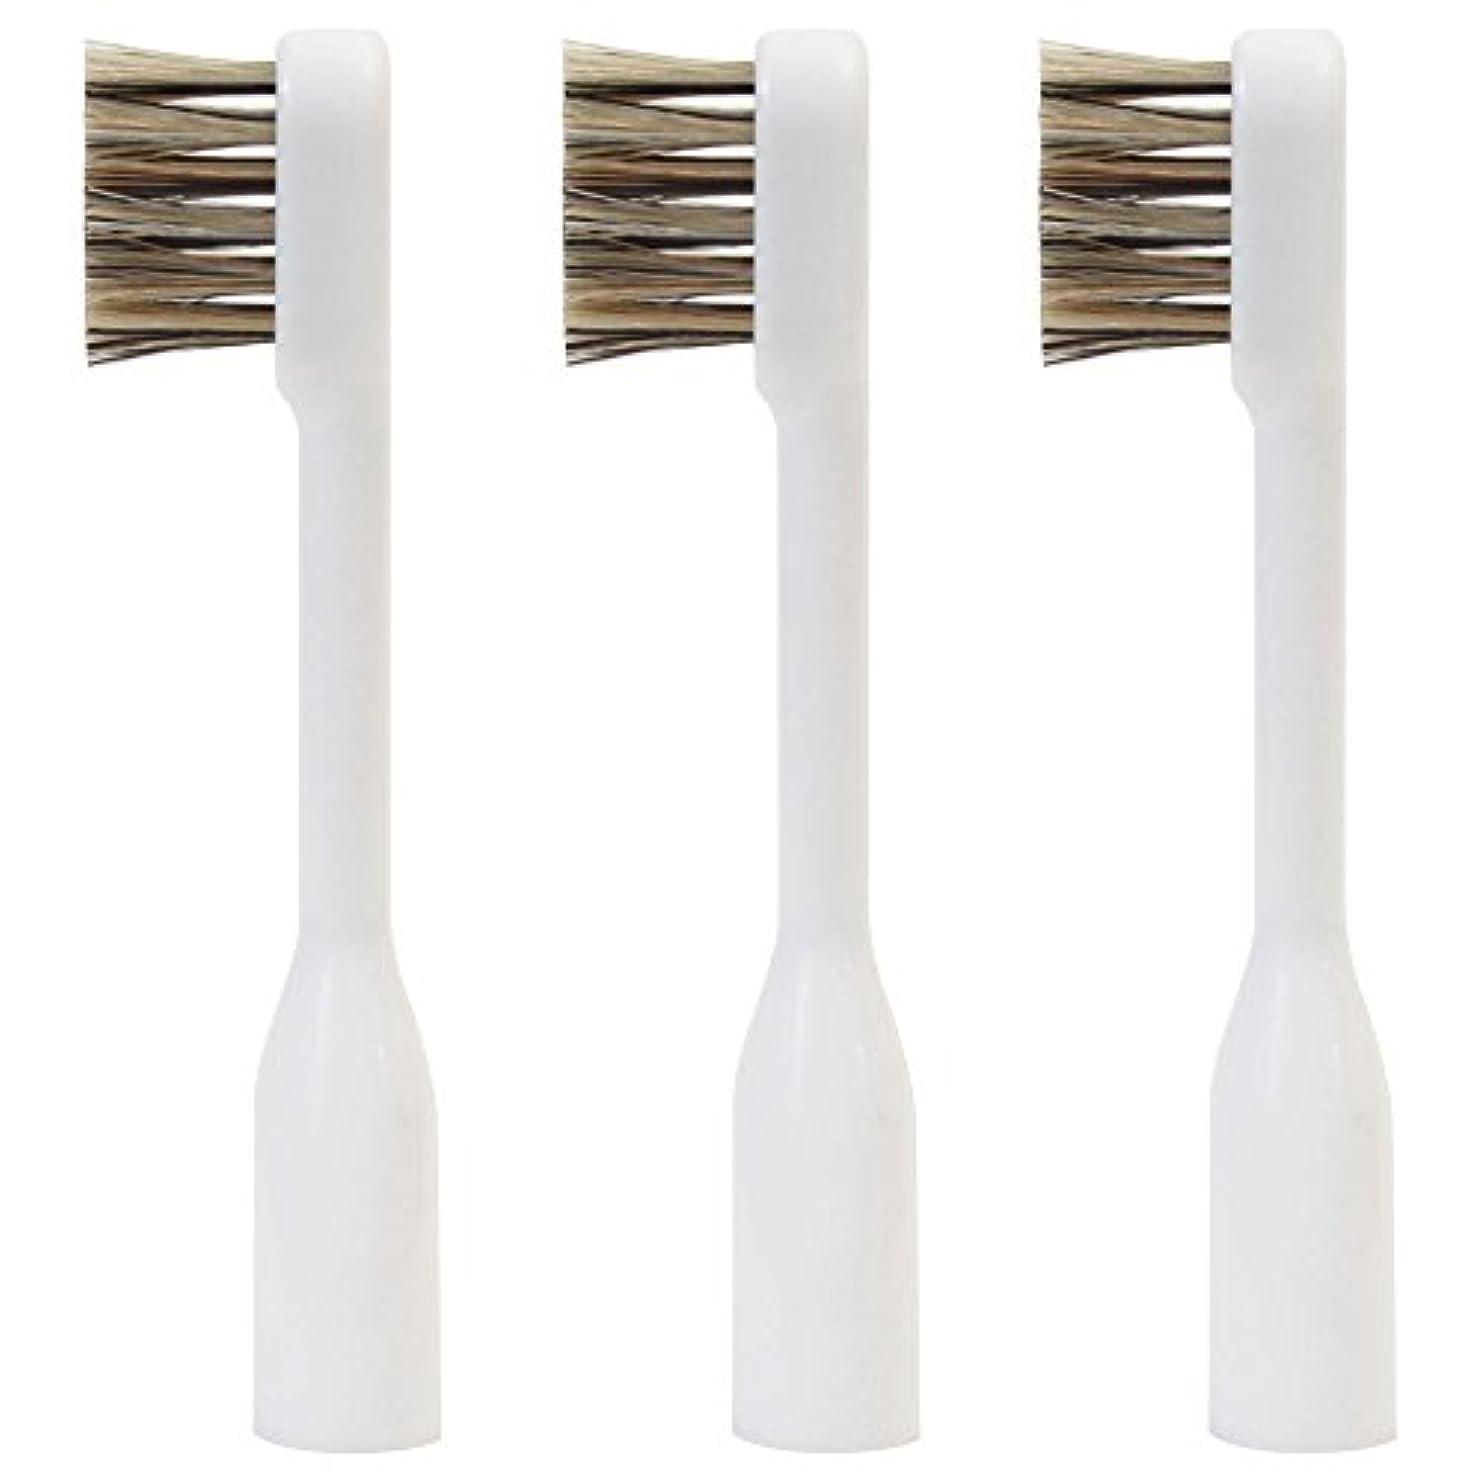 爆発物動的影響するラテール 交換用スペアブラシ 天然毛 スモールヘッド